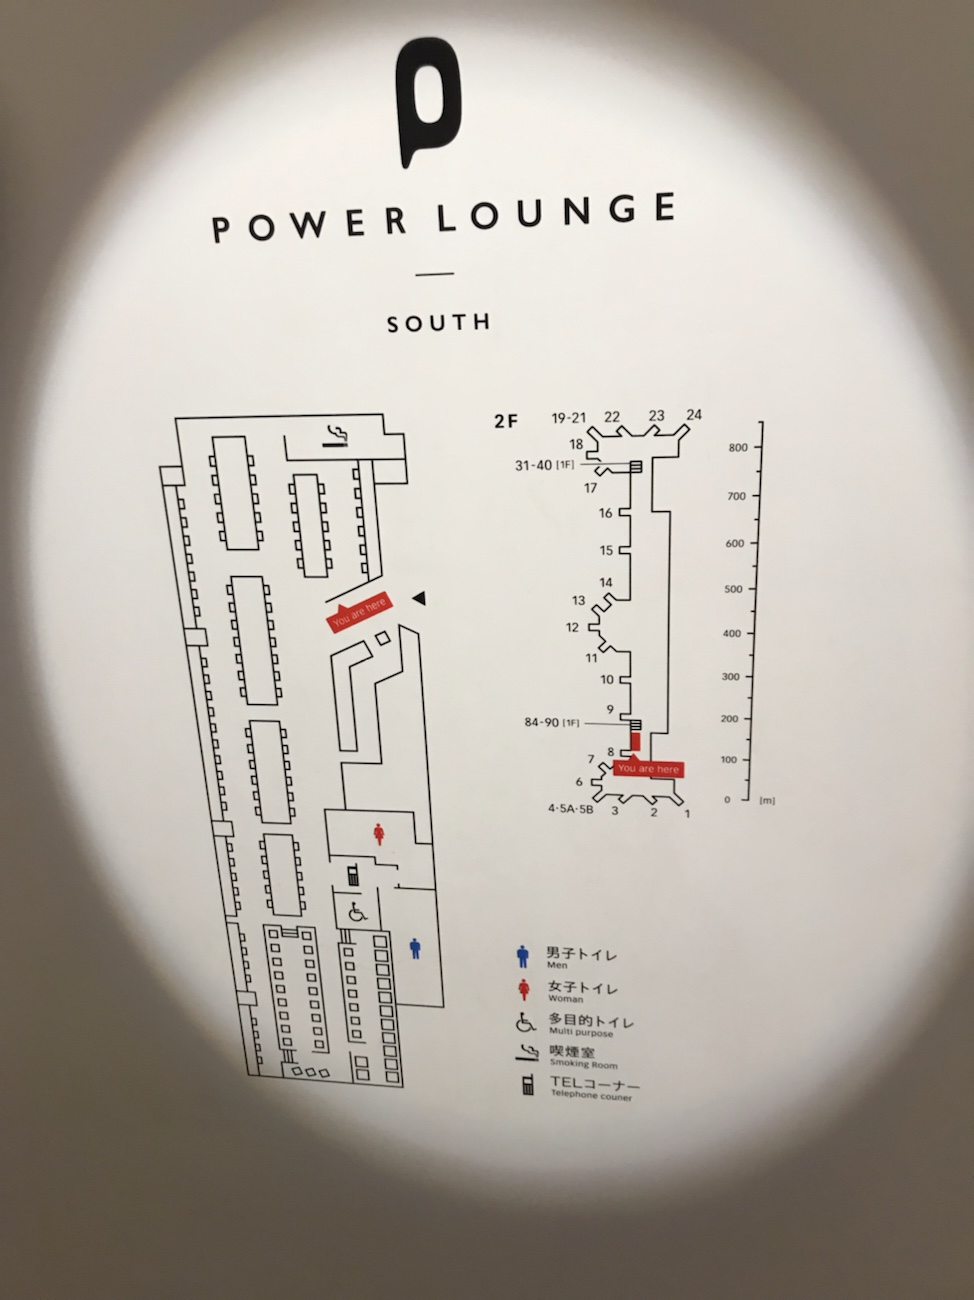 羽田空港第一ターミナルJAL側 カードラウンジ